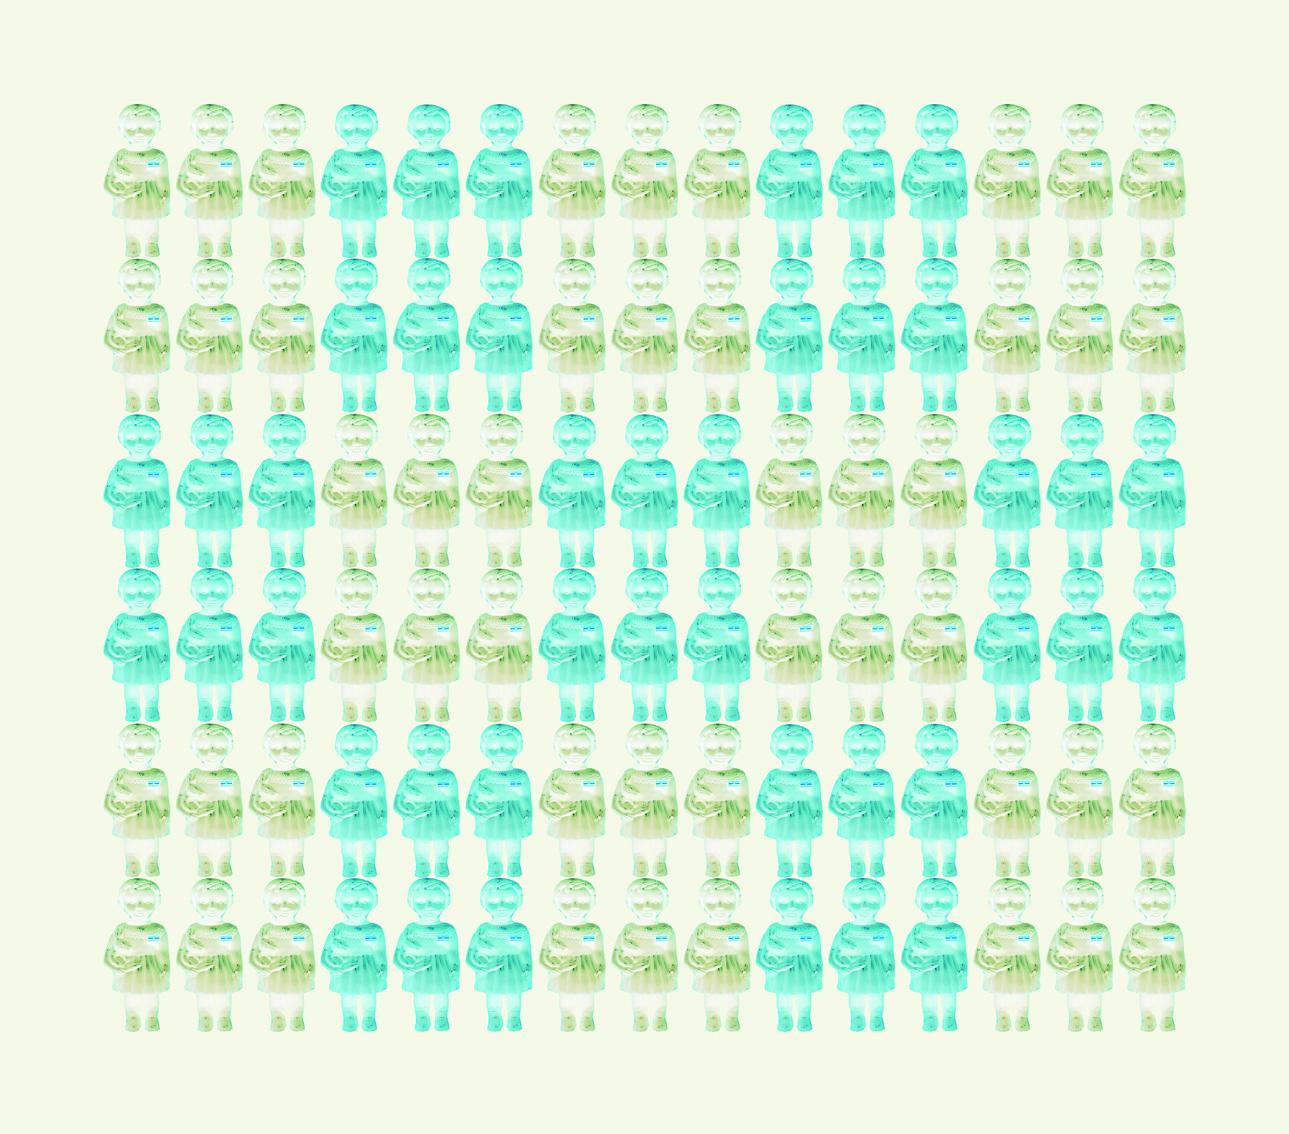 Niñas Argentinas Impresión y acrílico s.tela 100x115cm 2015